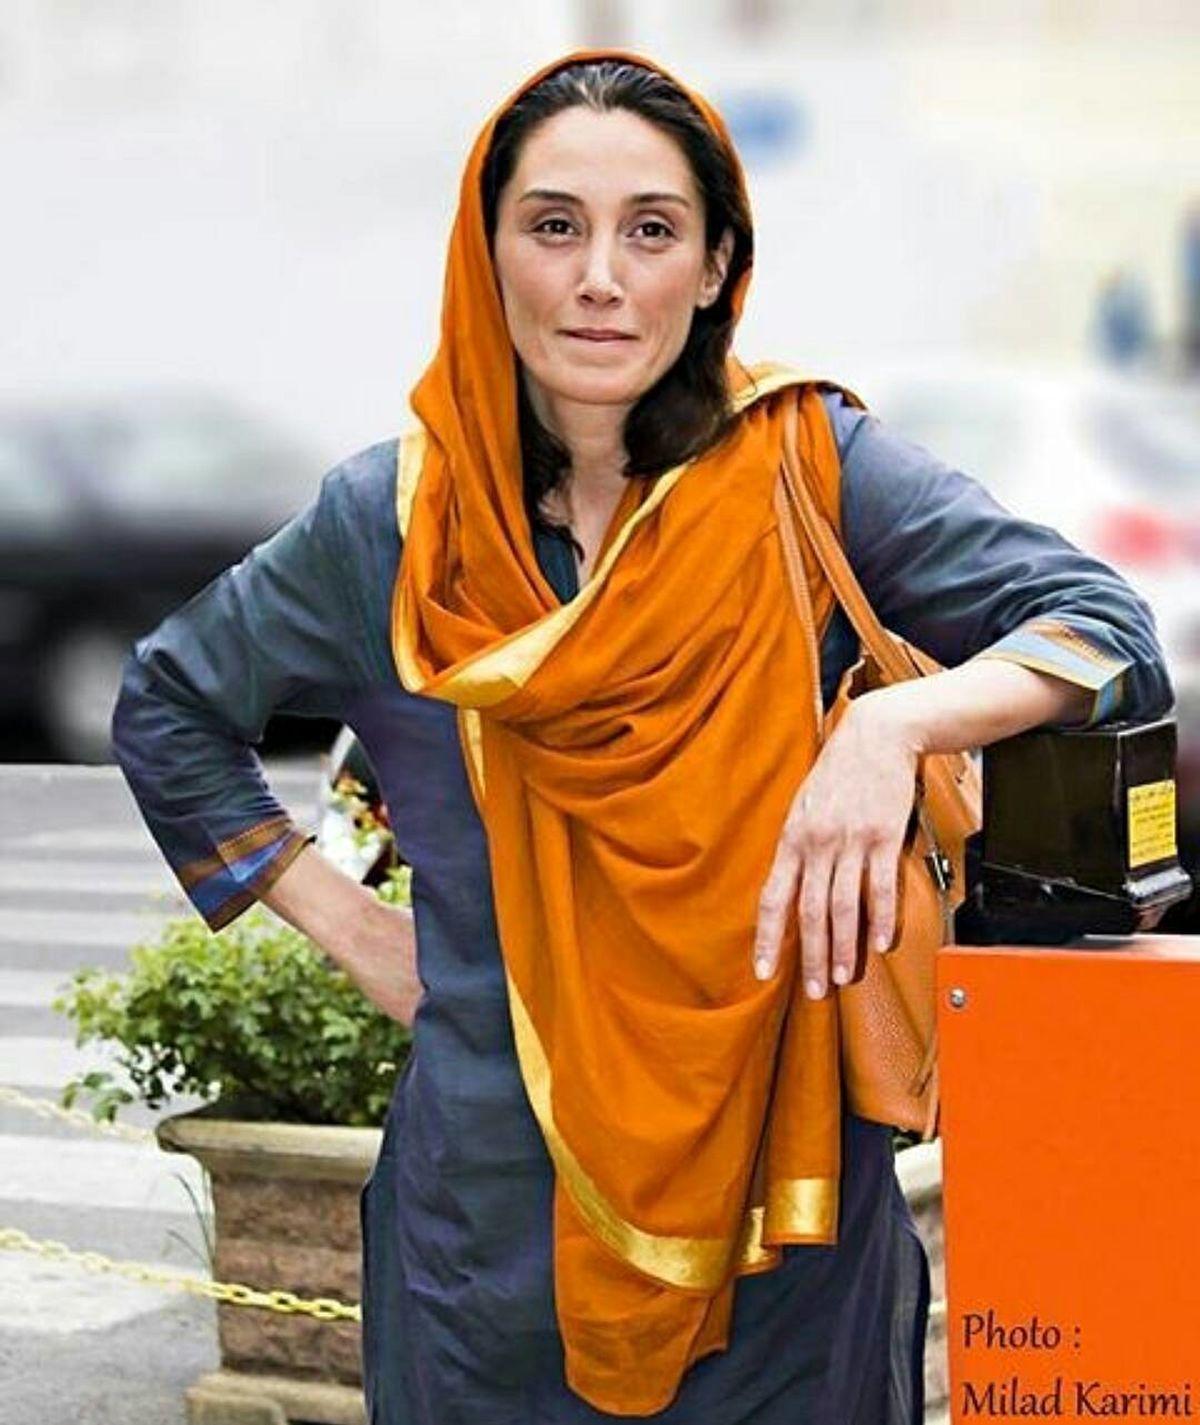 بازیگران زن مجرد ایرانی را بشناسید